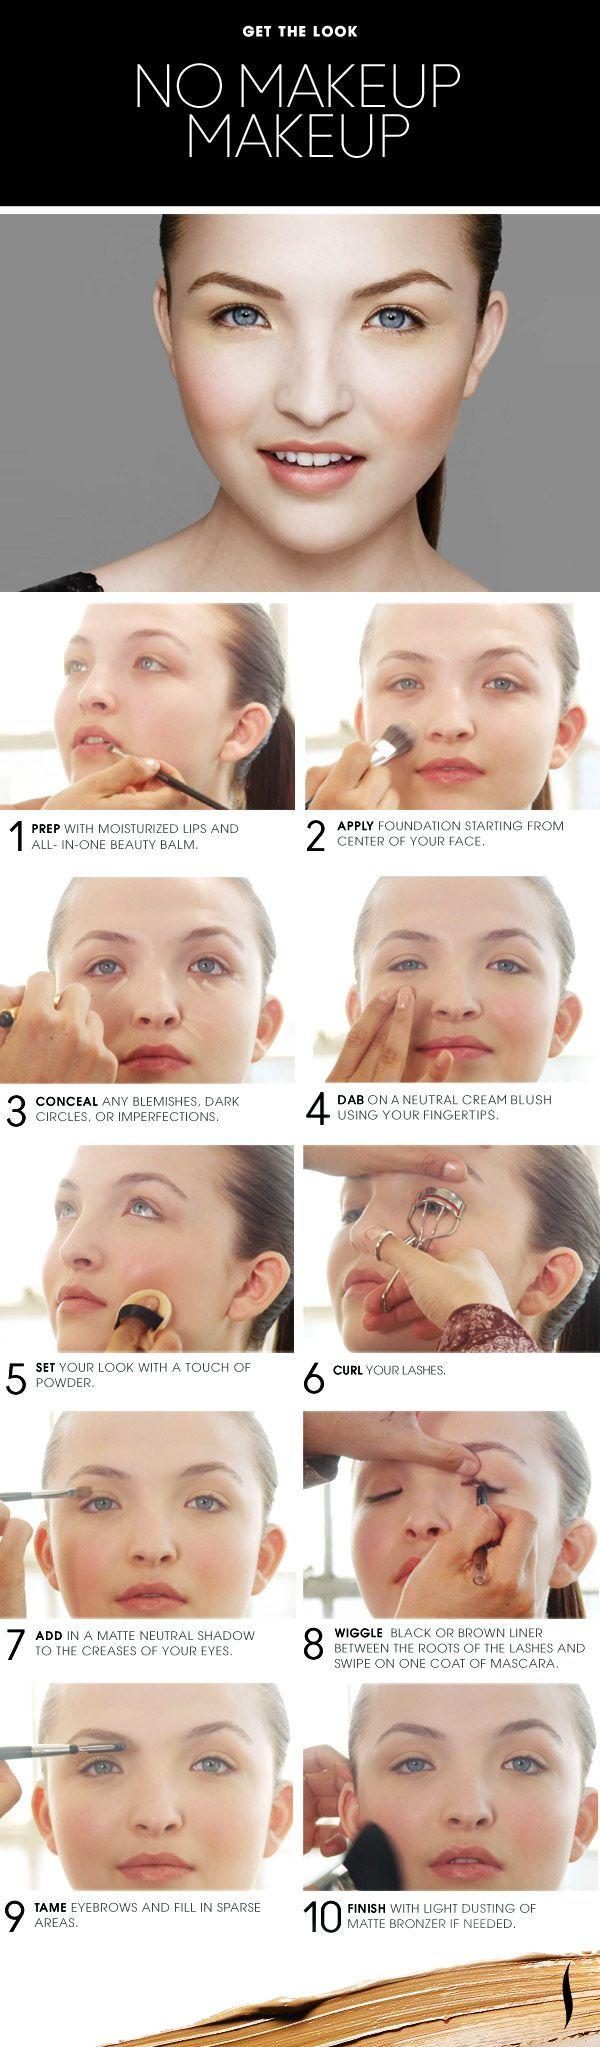 No Makeup Natural Makeup